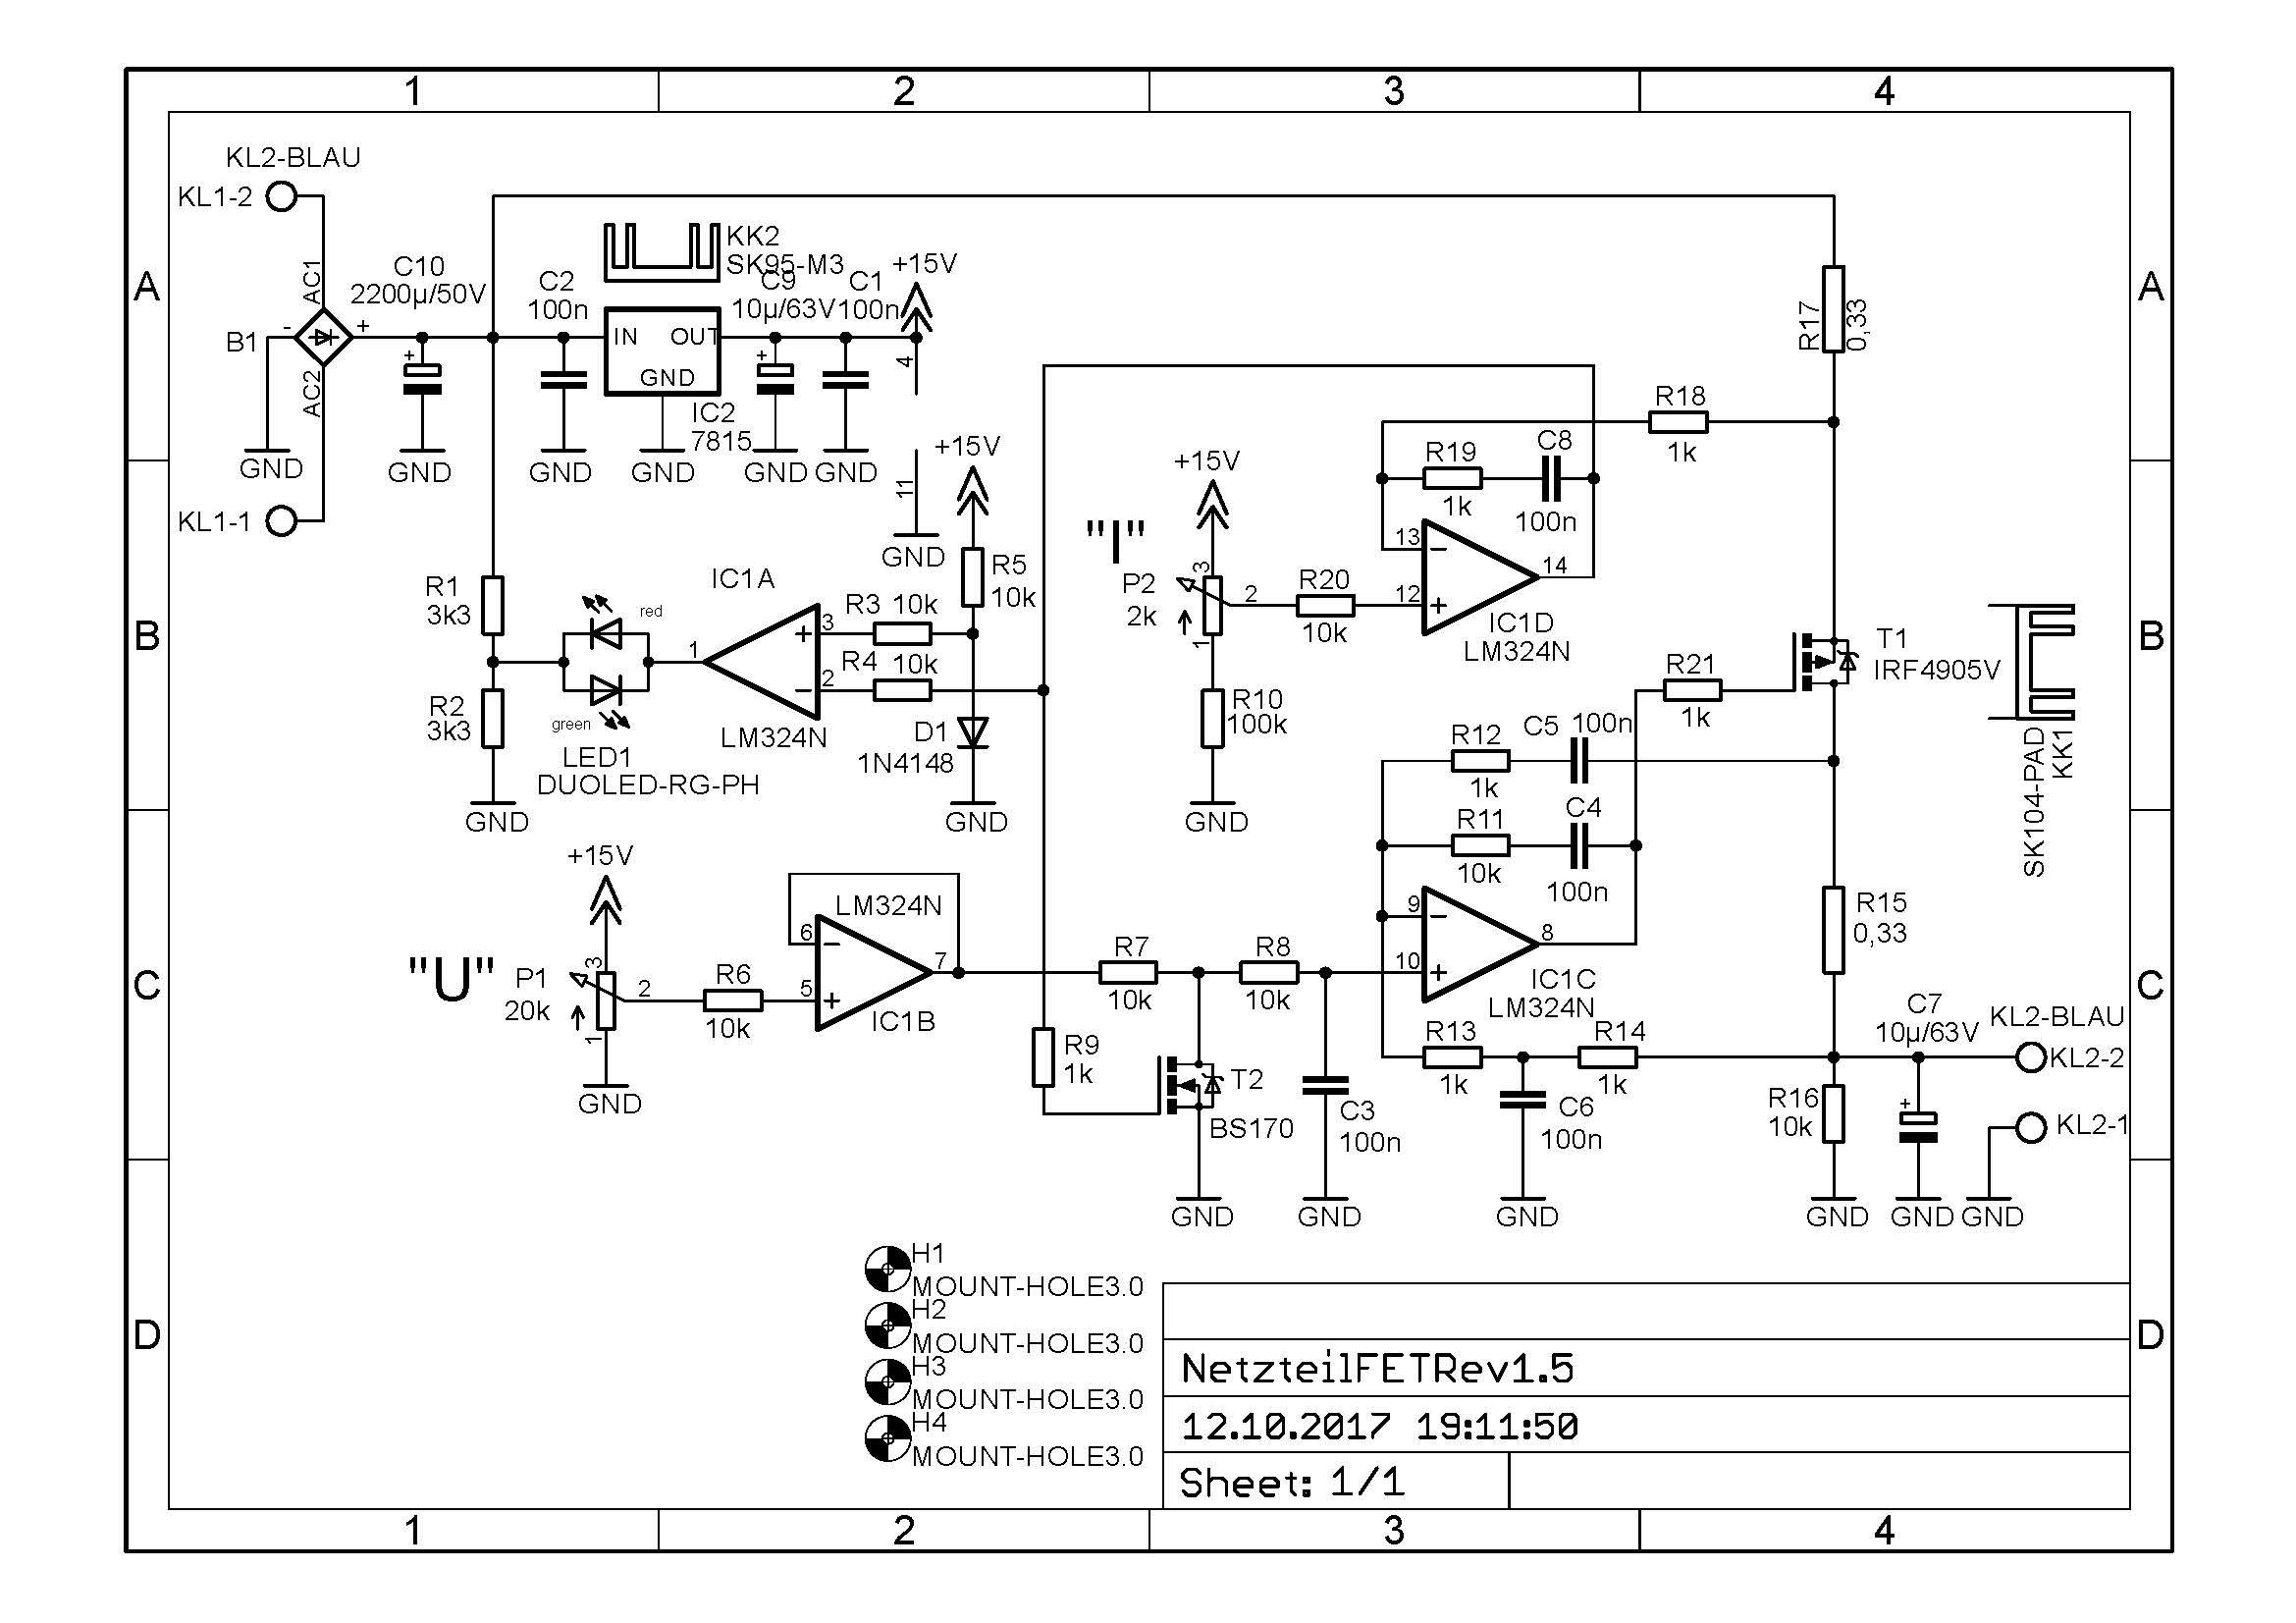 Labornetzgert Fragen Zum Schaltplan Lm324n Circuit Netzteilfetrev15 Sch